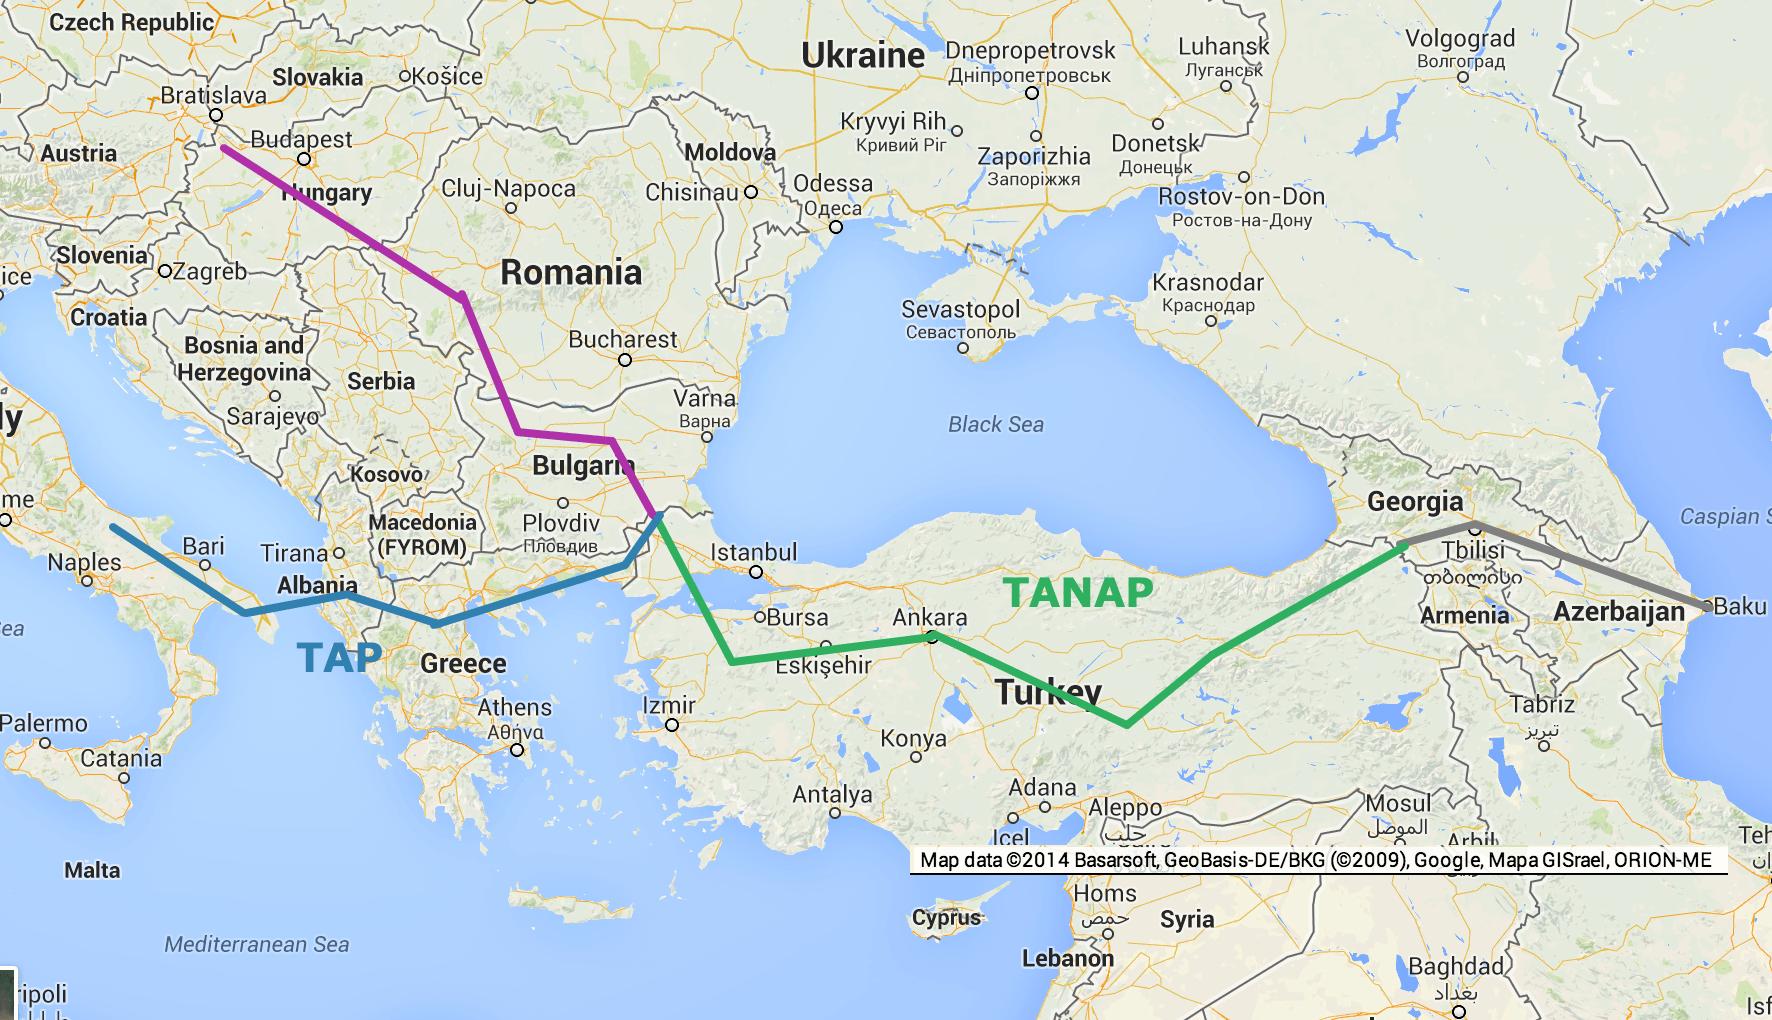 Ξεμπλοκάρει επιτέλους ο ΤΑΡ στην Ελλάδα!